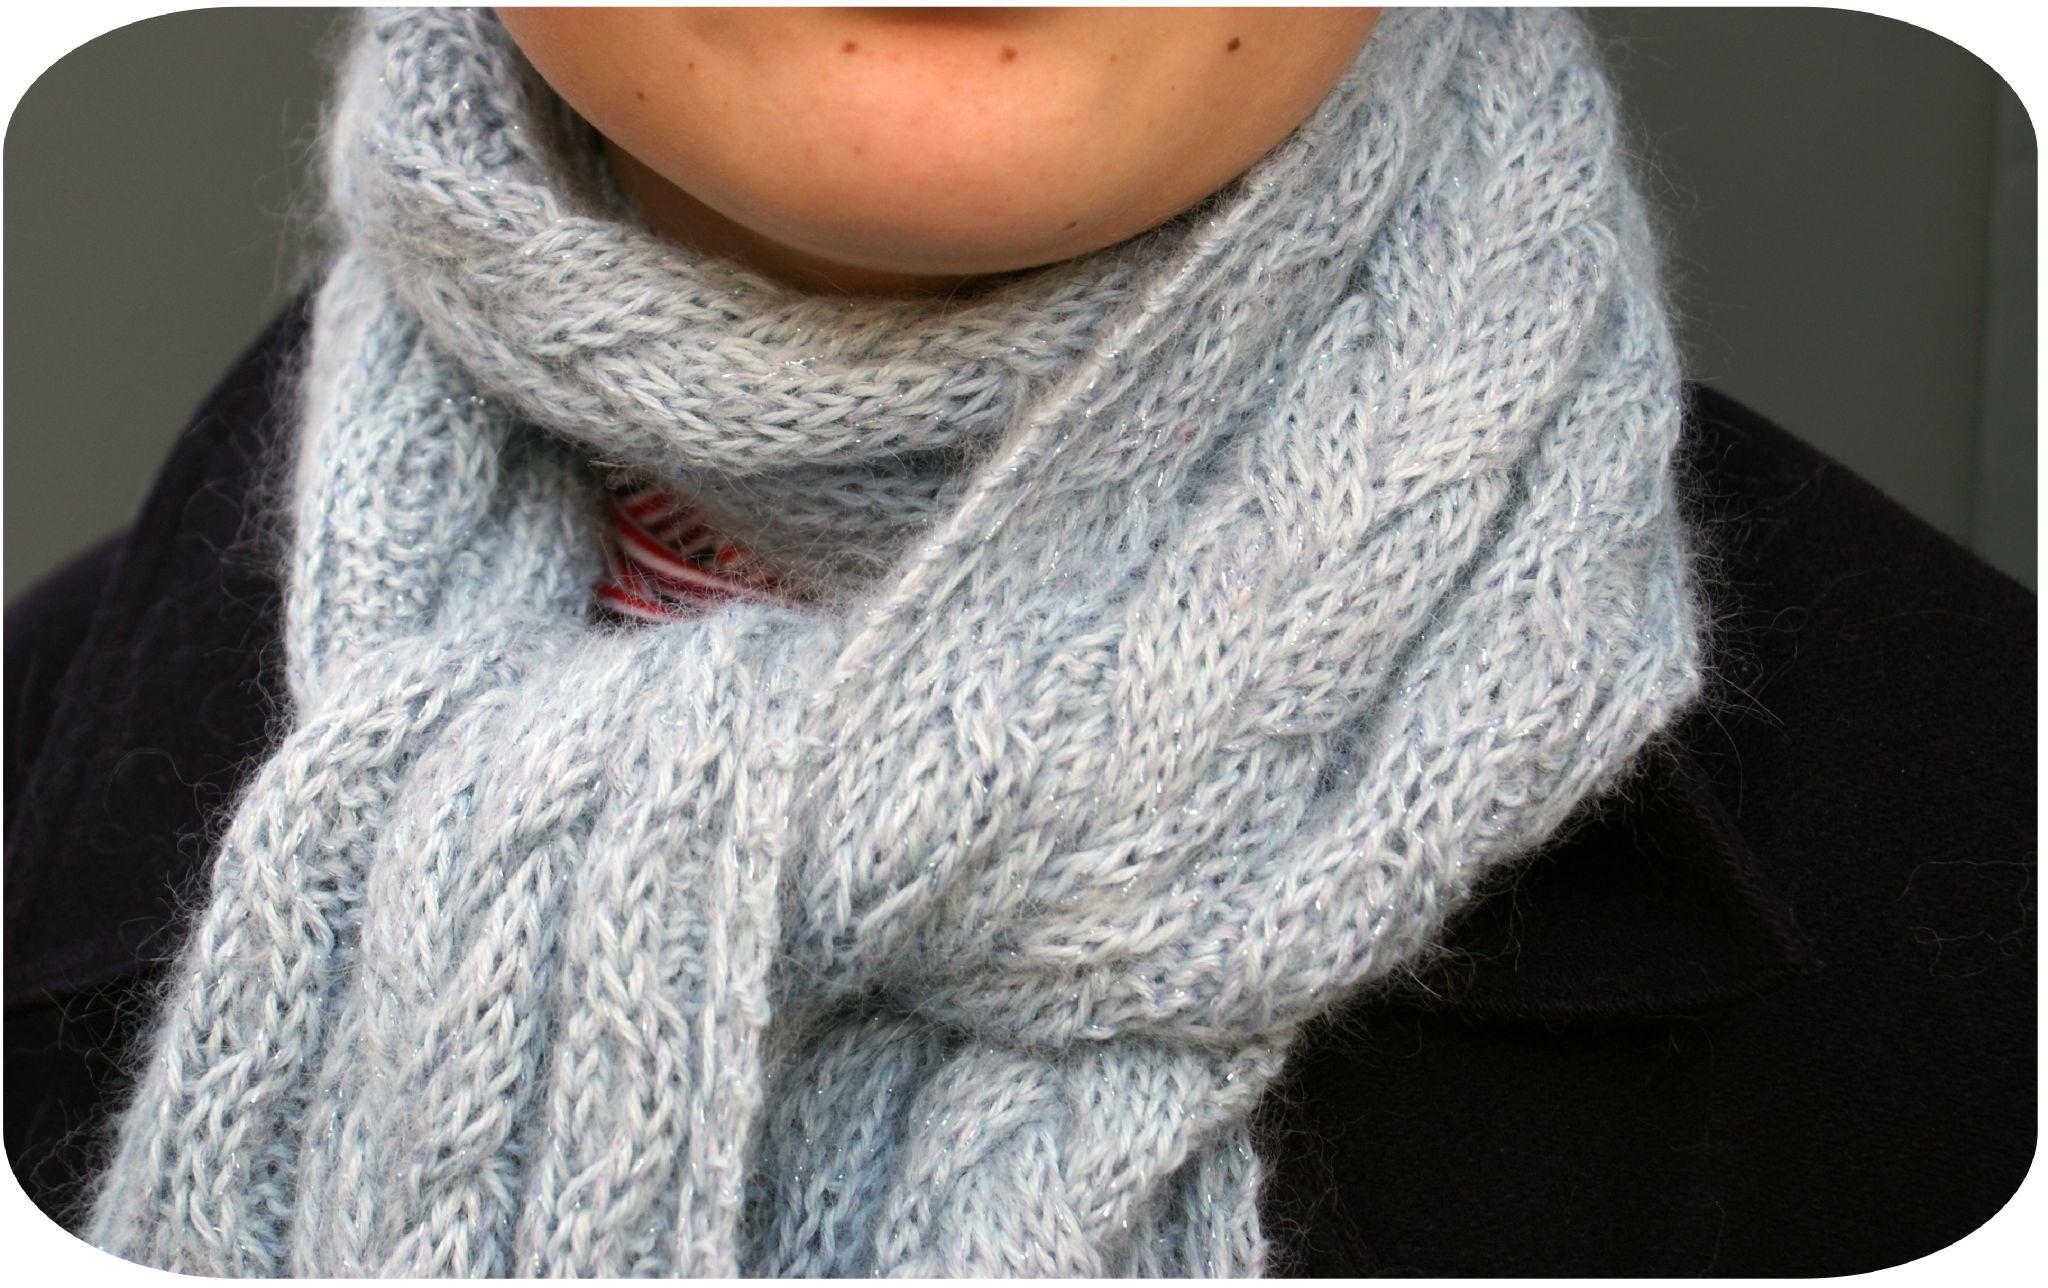 bc557e930d07 Modèle gratuit tricot echarpe homme - Idée pour s habiller